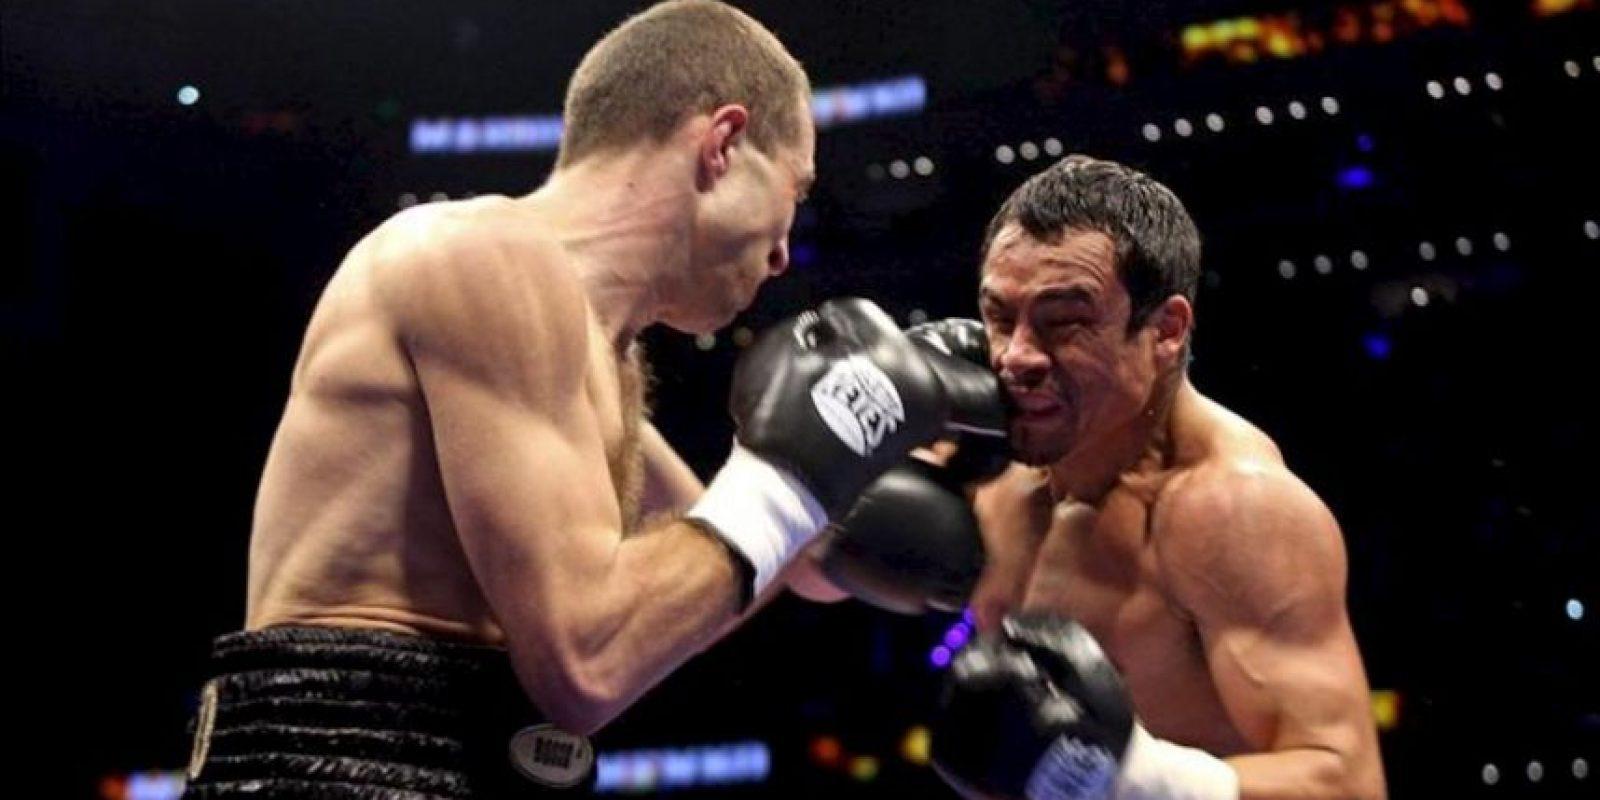 El boxeador mexicano Juan Manuel Márquez (d) intercambia golpes con el ucraniano Serhiy Fedchenko (i), ese sábado, durante el combate por el título mundial superligero interino OMB, celebrado en la Arena Ciudad de México de la Capital mexicana. Juan Manuel Márquez ganó la pelea por decisión unánime. EFE